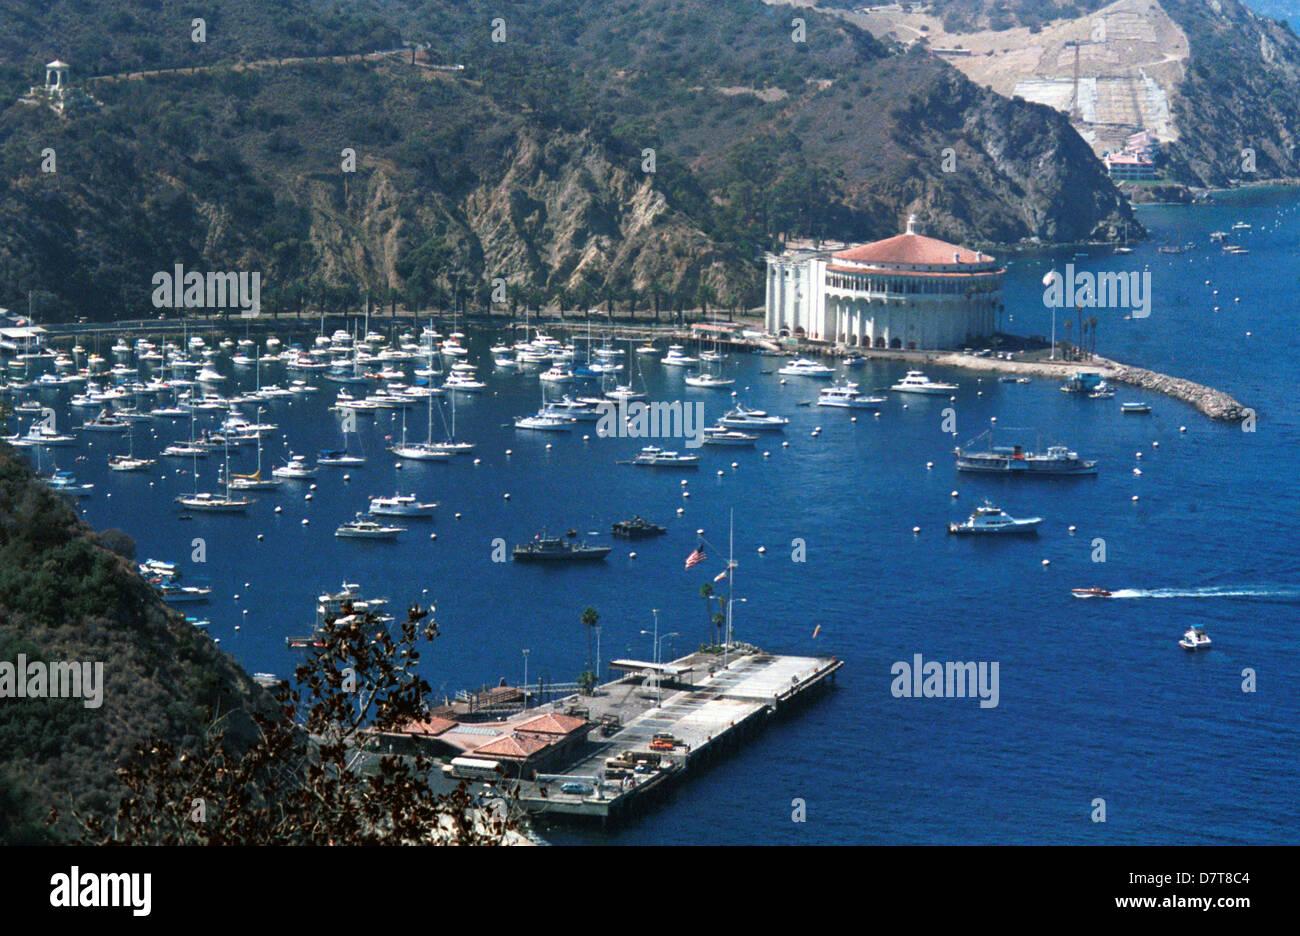 avalon casino santa catalina island off coast of los angeles stock